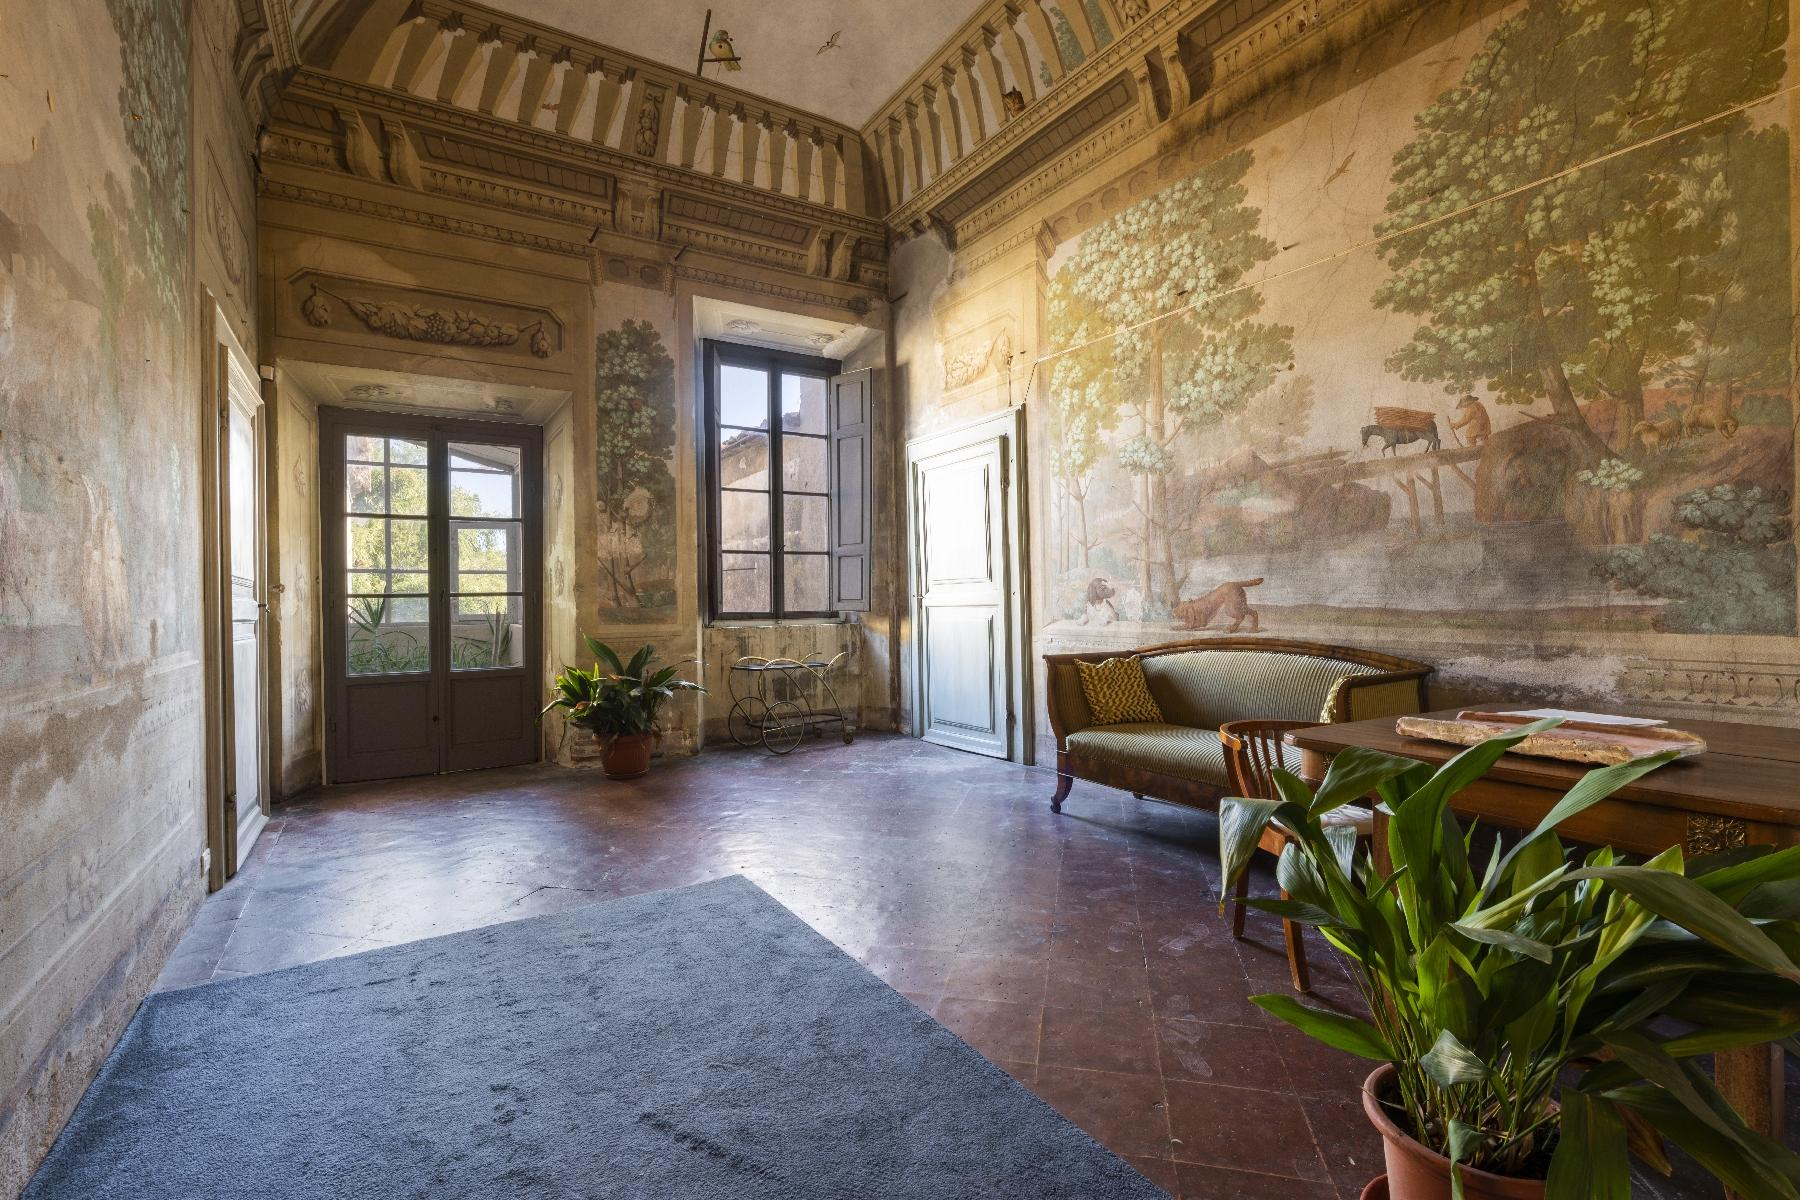 Wunderschöne Villa aus 1700 im Herzen der Toskana - 2